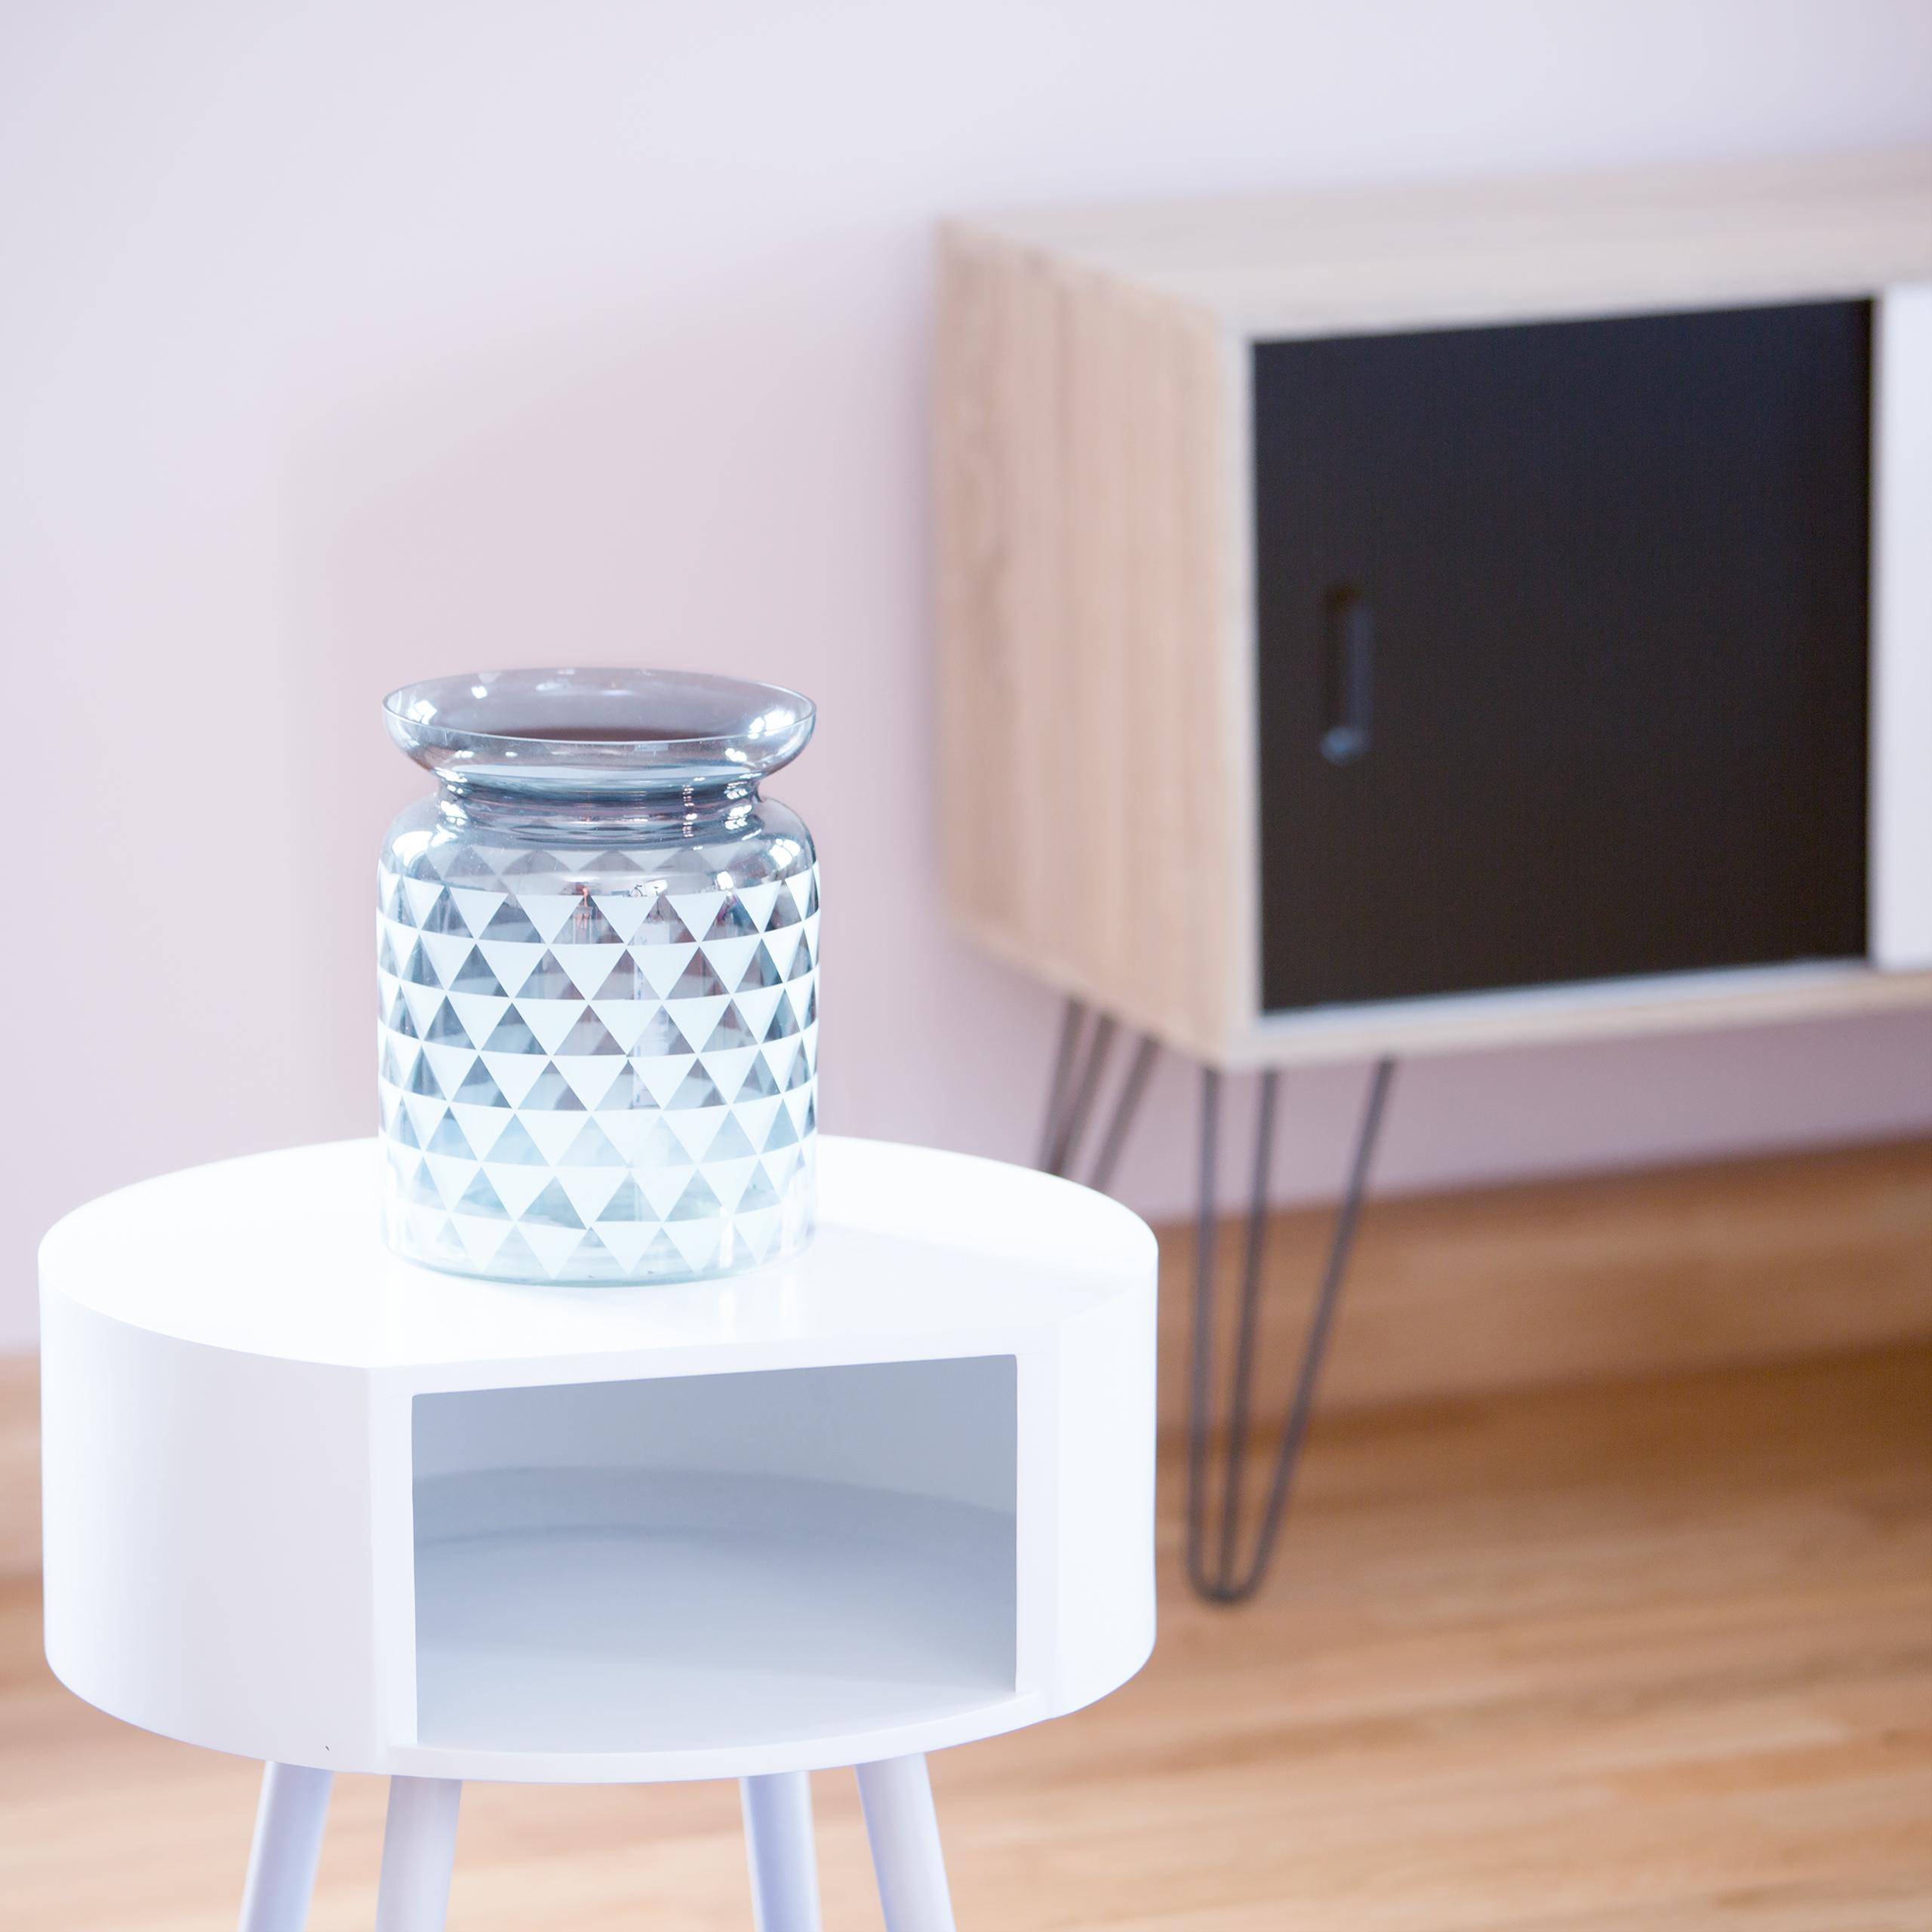 Vaso-decorativo-in-vetro-per-la-casa-con-decorazioni-motivi-decorativi